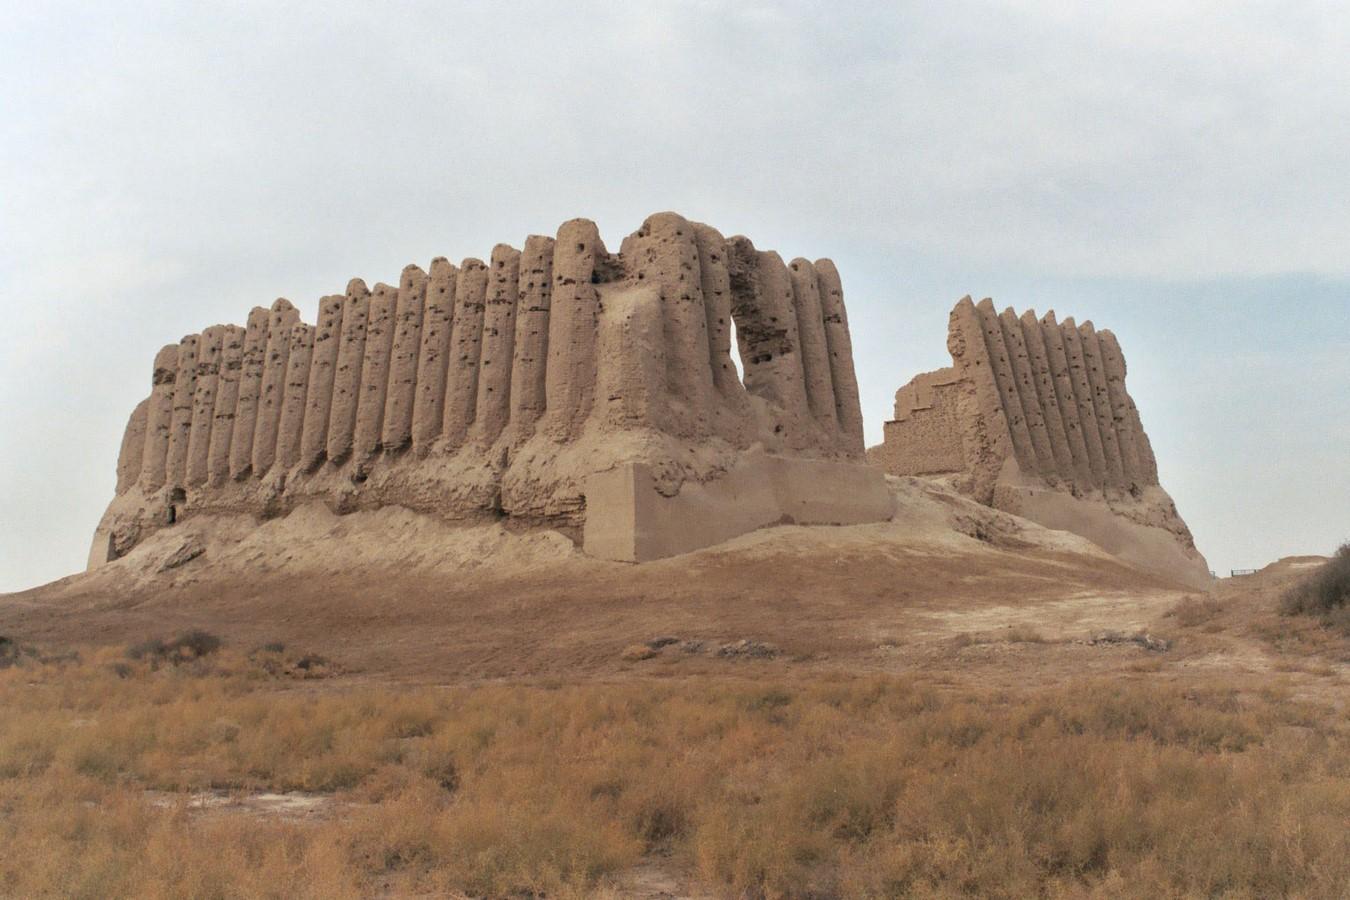 Lost In Time: Merv, Turkmenistan - Sheet1